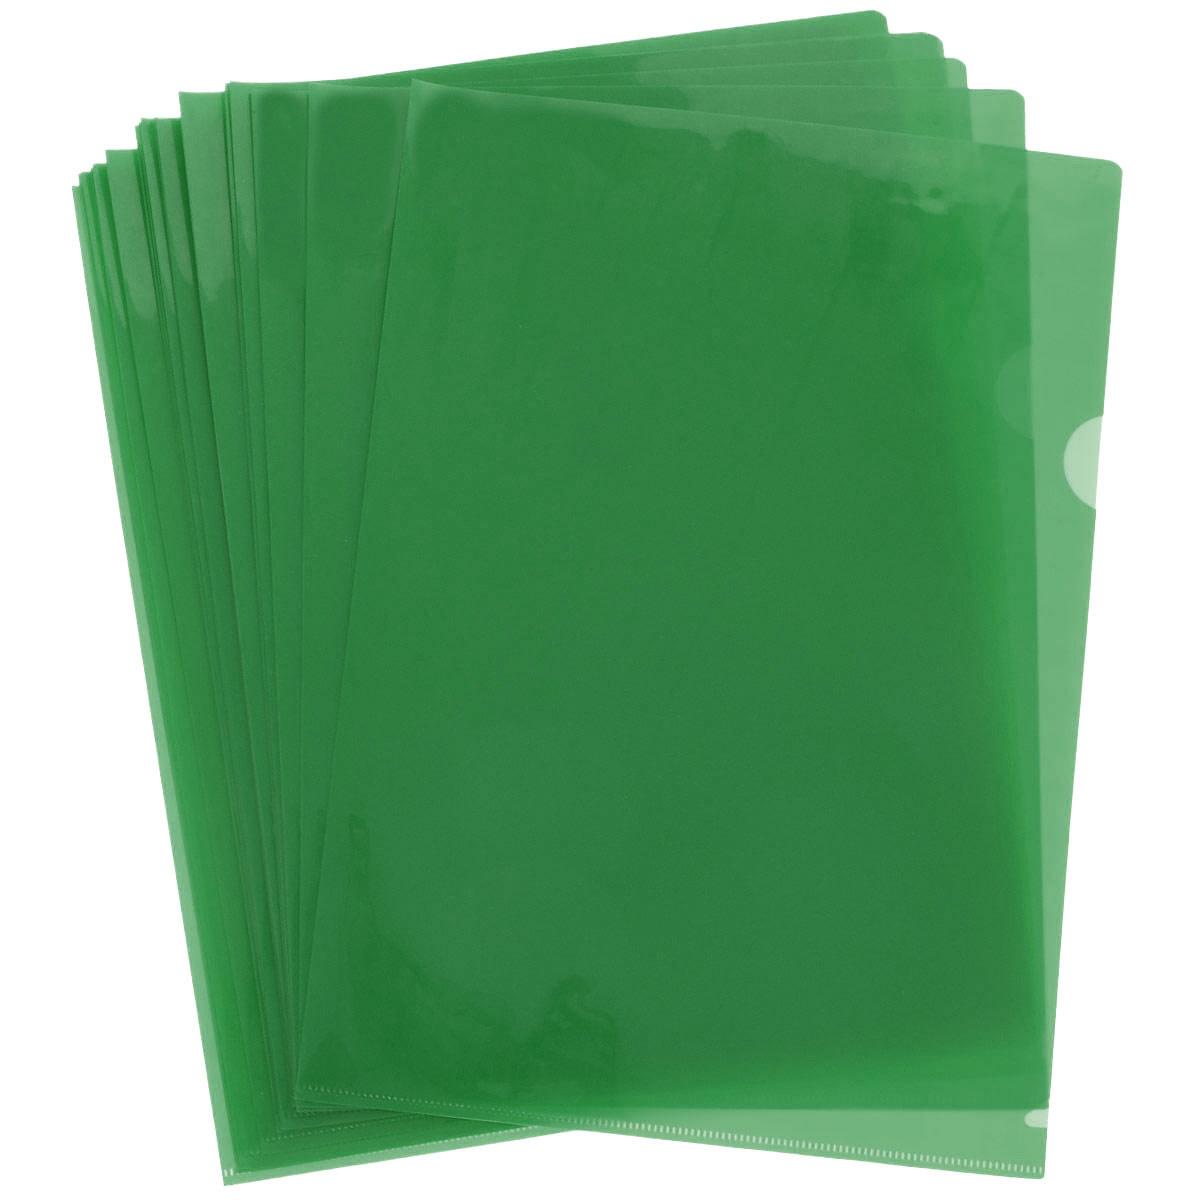 """Папка-уголок """"Sponsor"""", цвет: зеленый. Формат А4, 20 шт SF208-2/GR/R"""